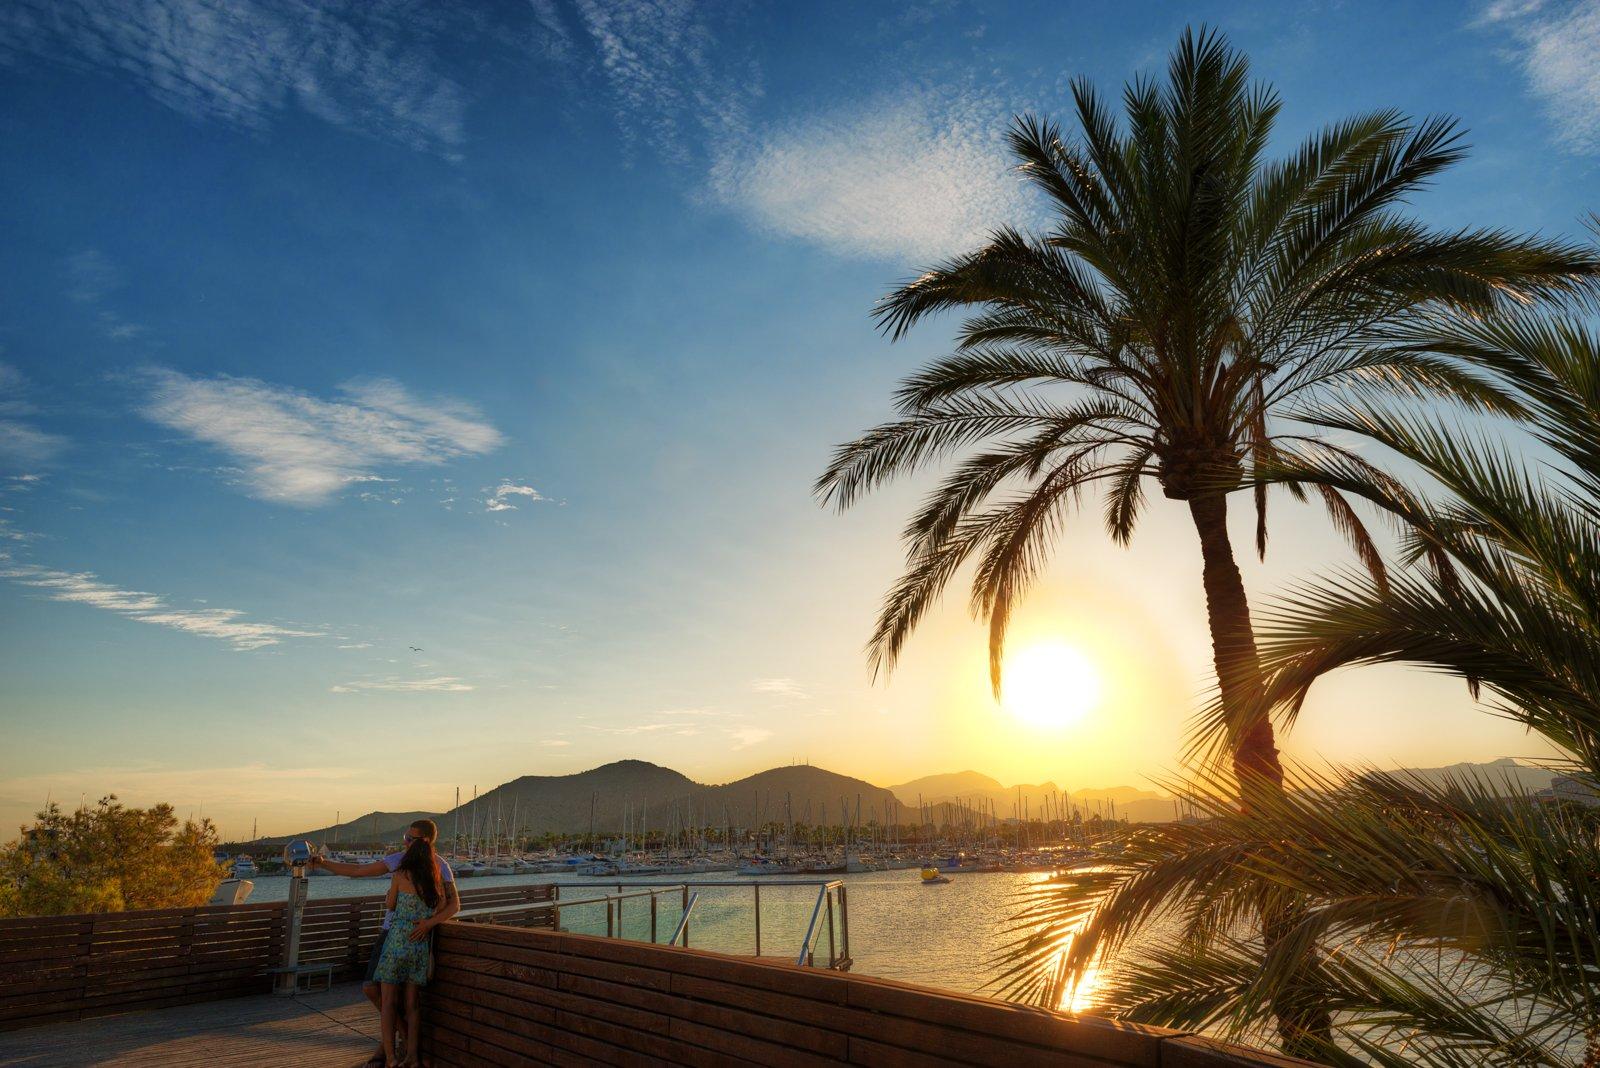 Romantische zonsondergang met een stel in Alcudia op Mallorca in Spanje